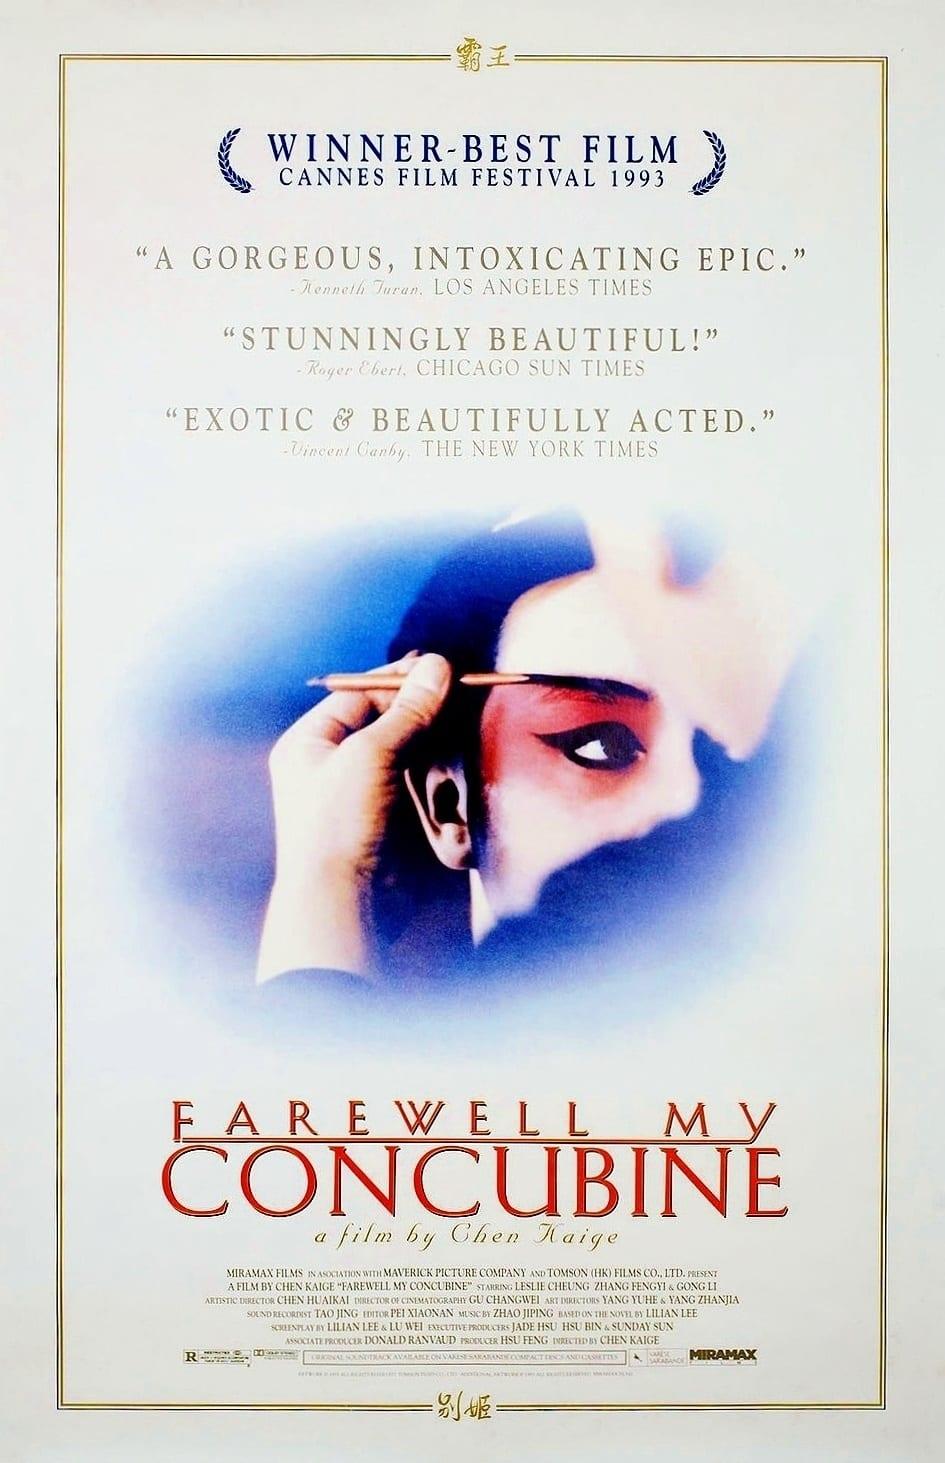 Addio mia Concubina (Farewell my concubine)